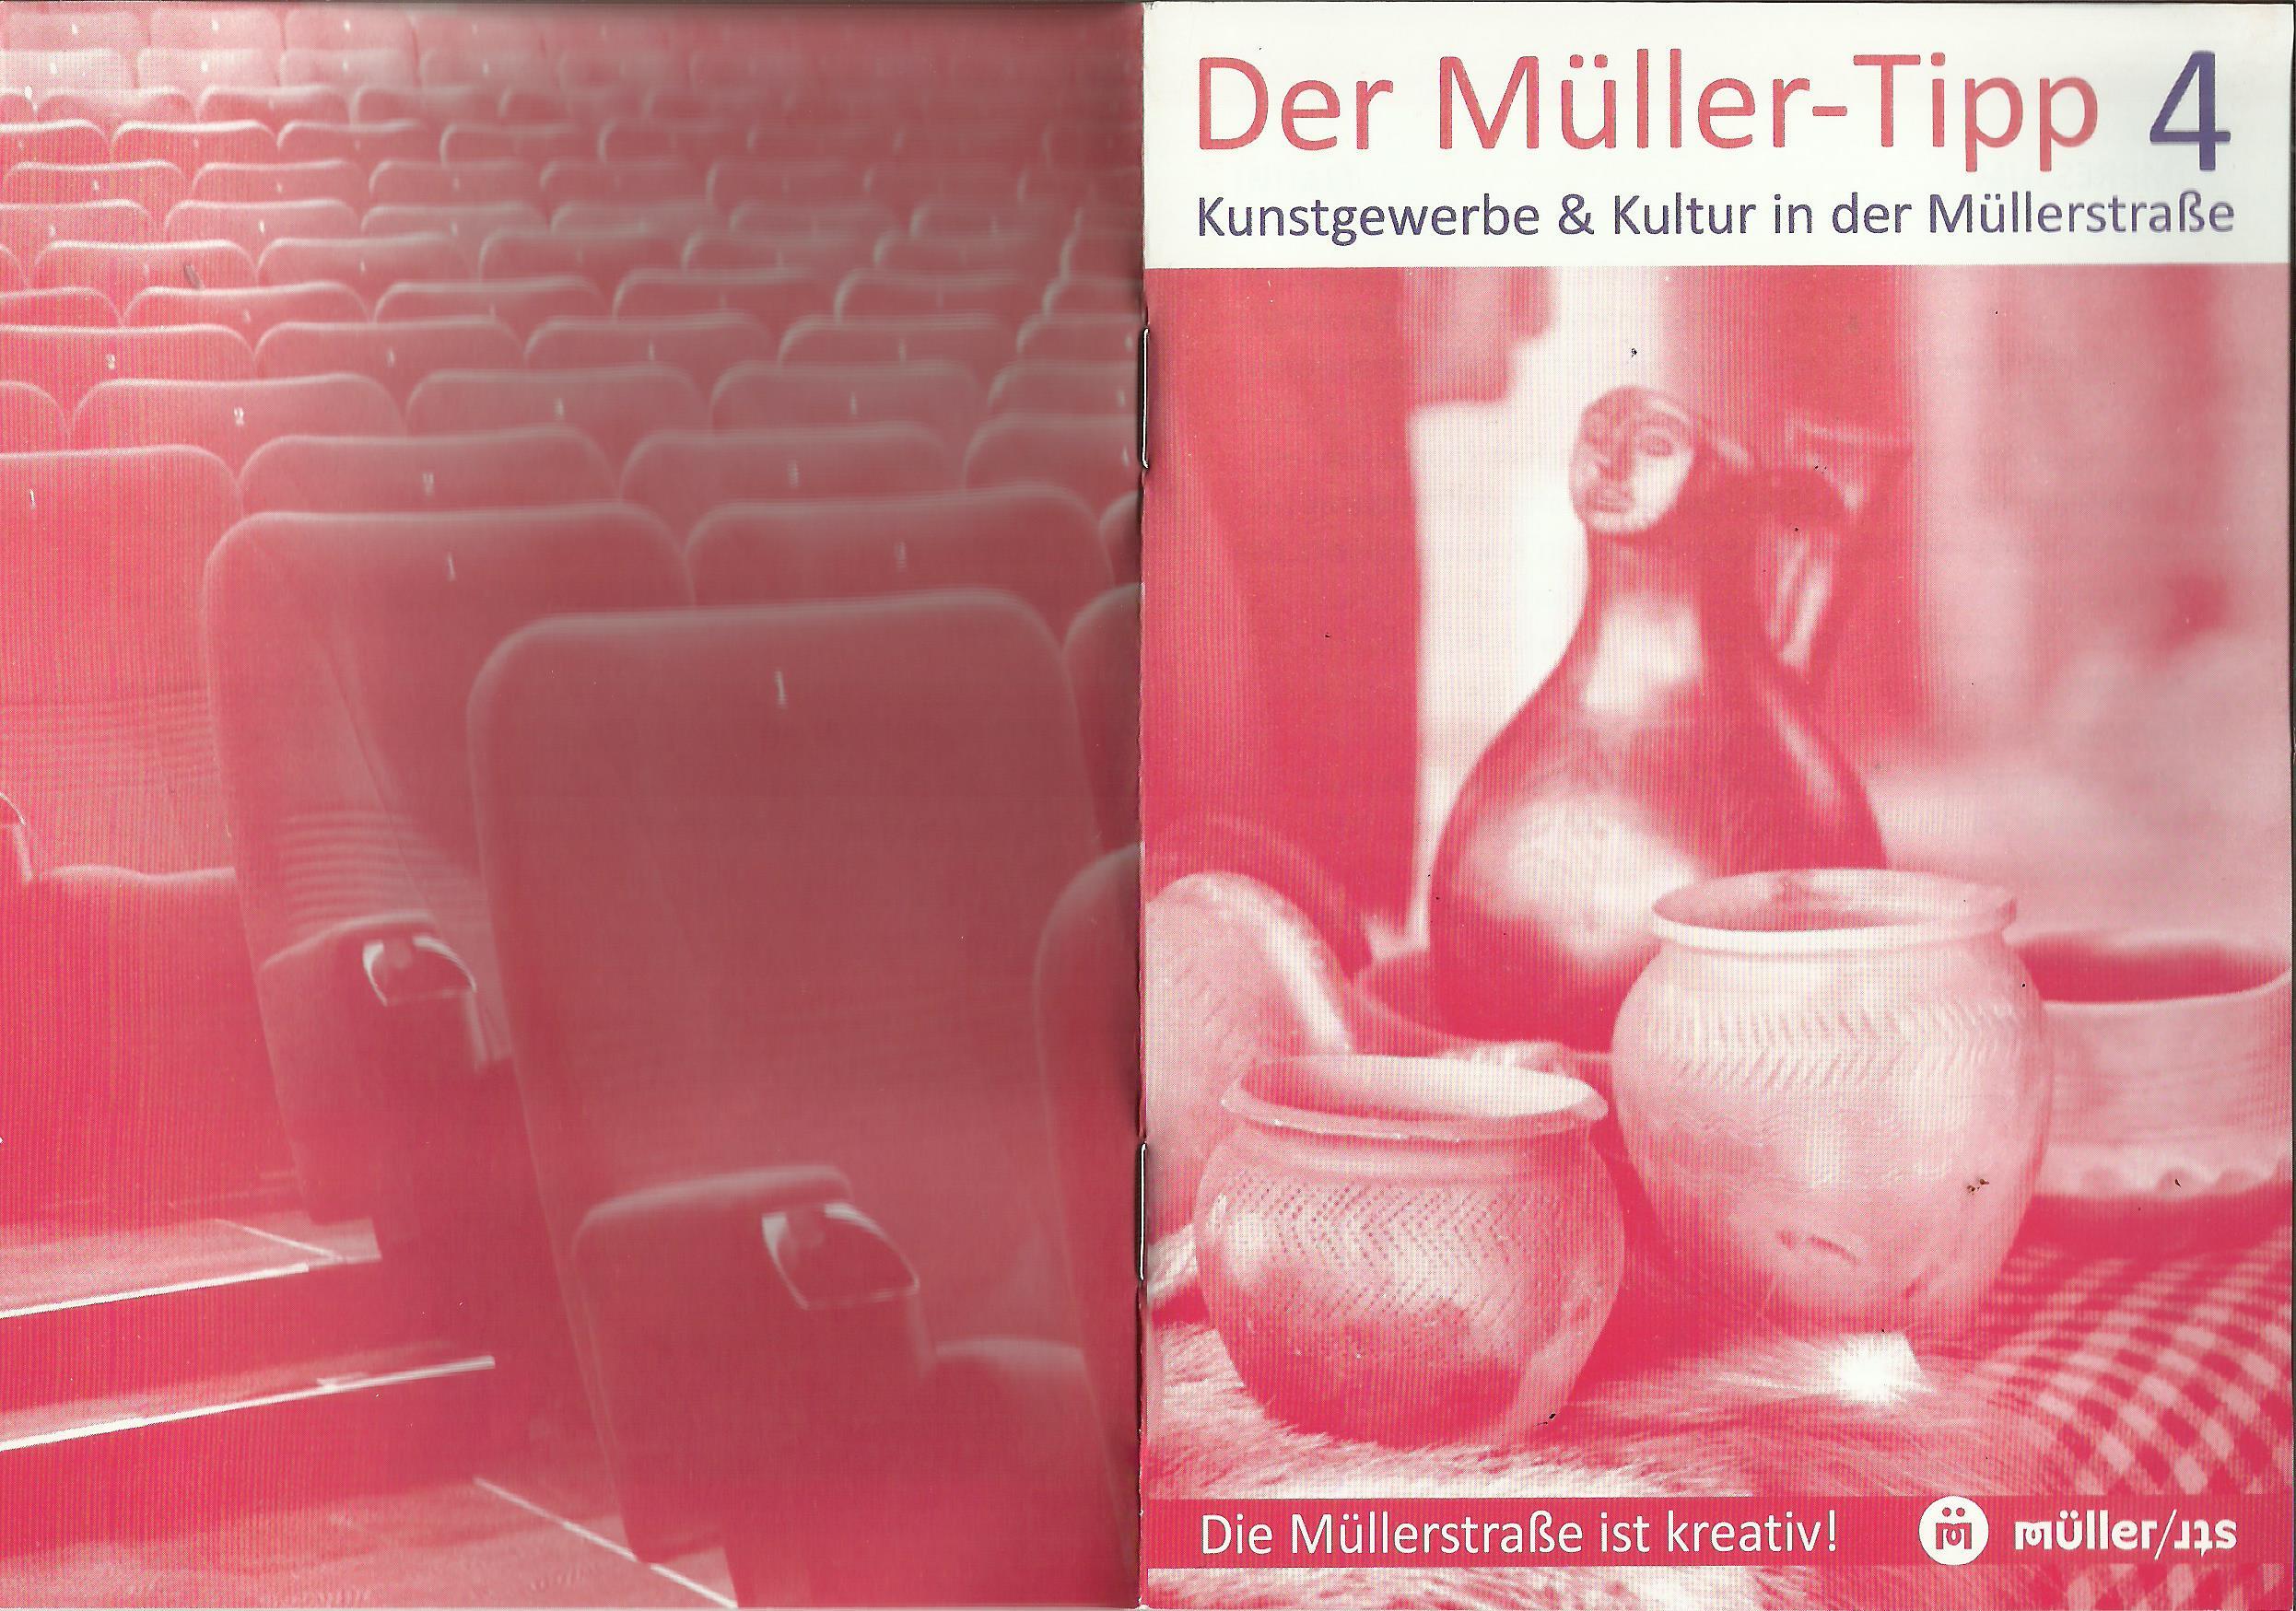 Der Müller - Tip 4